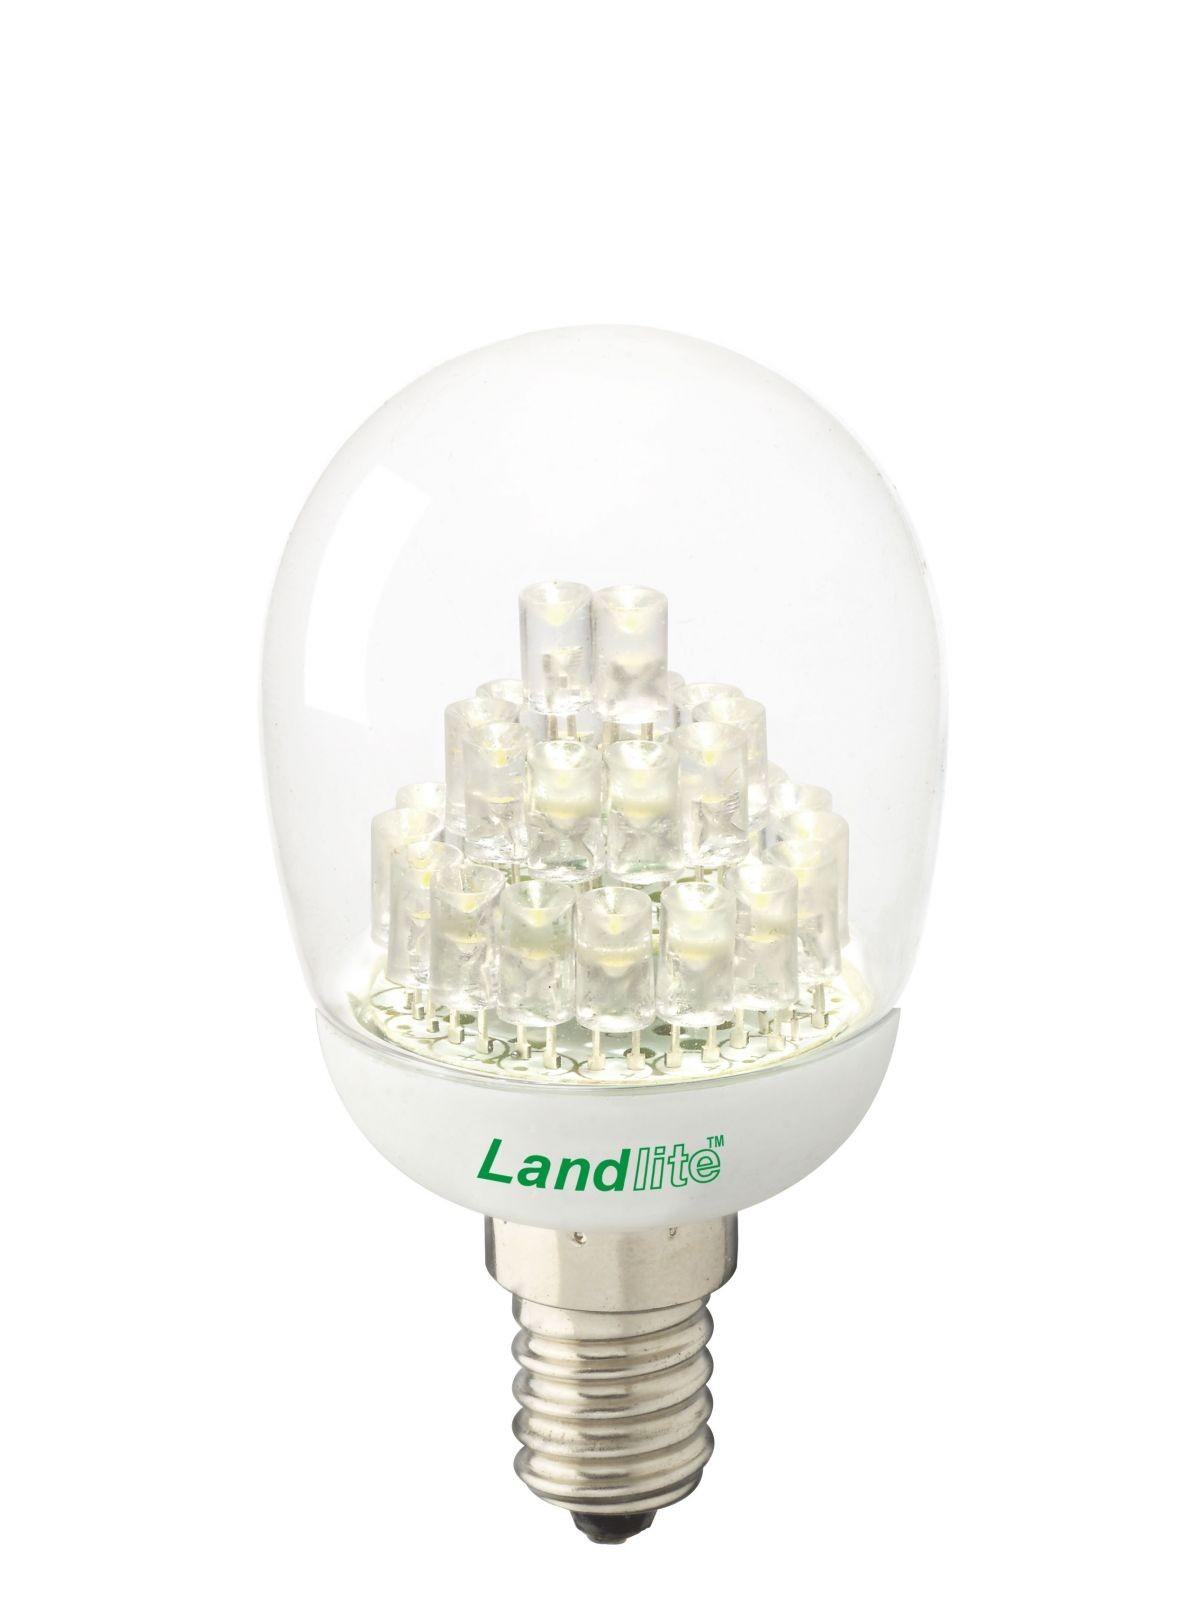 LANDLITE LED-G45-2W E14 230V melegfehér, LED izzó